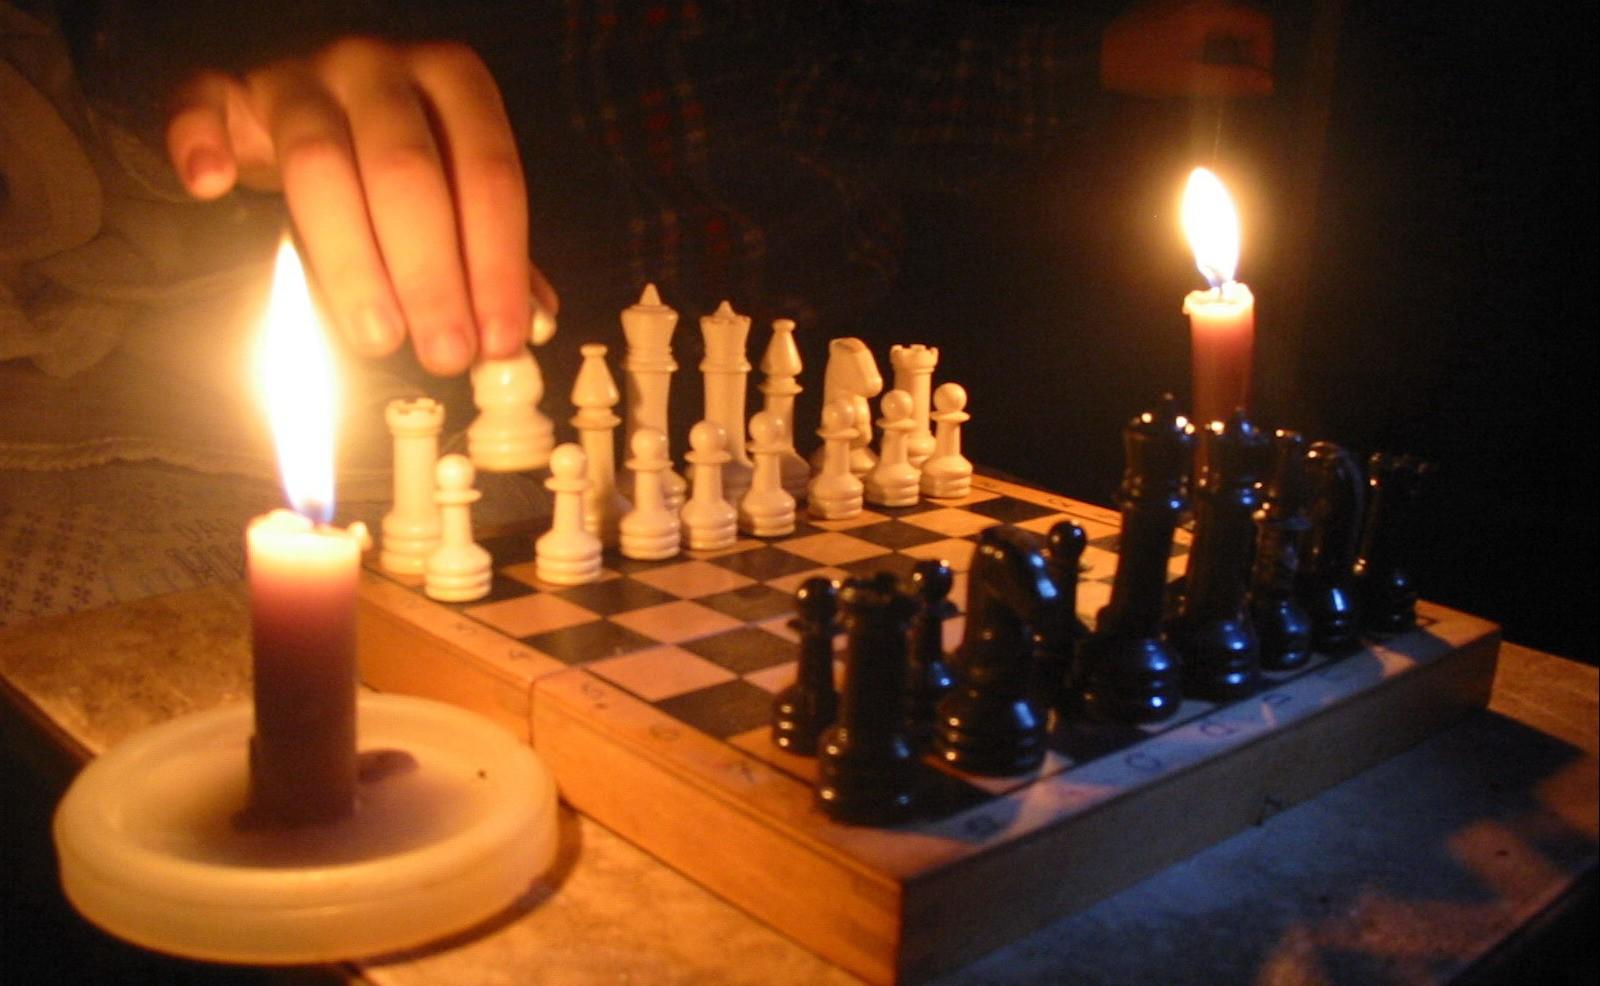 Притча великі шахи і життя. Українські притчі. Кращі притчі.